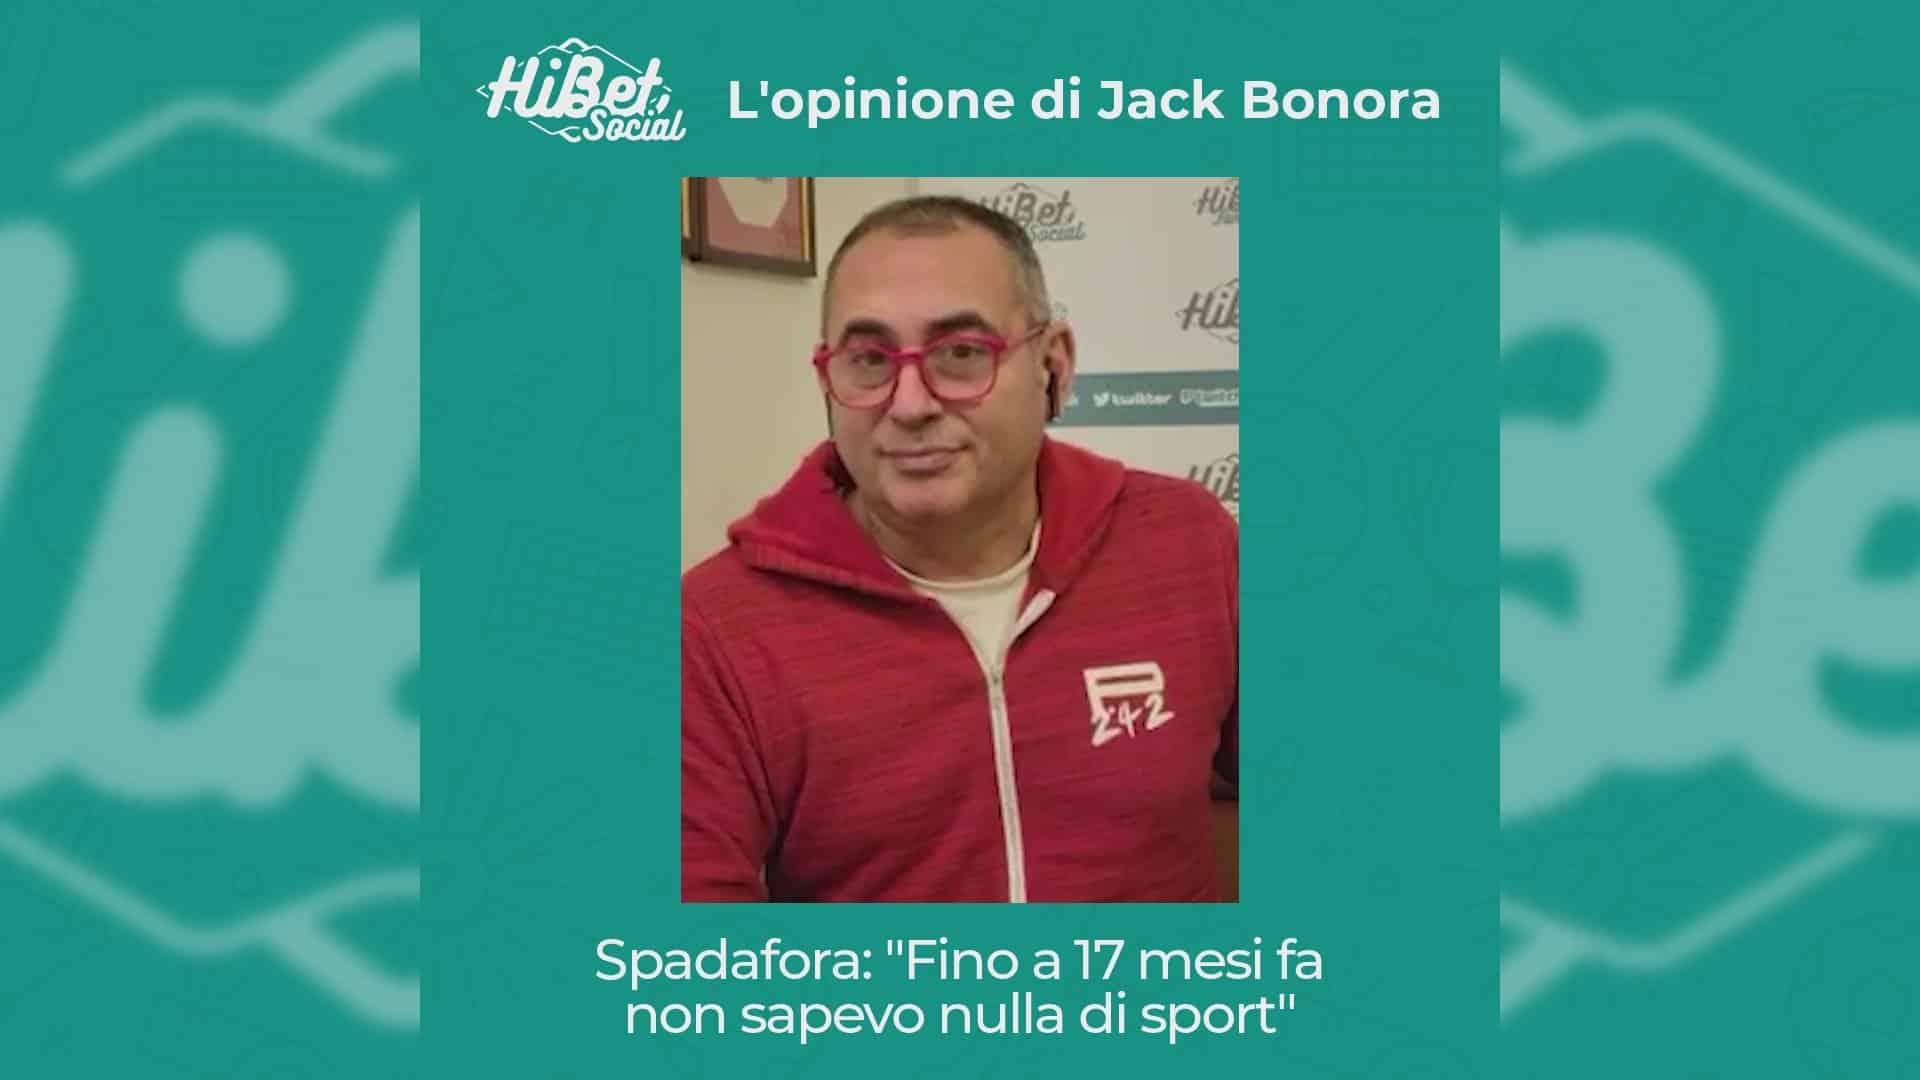 L'opinione di Jack Bonora sulle dichiarazioni di Spadafora, Ministro dello Sport